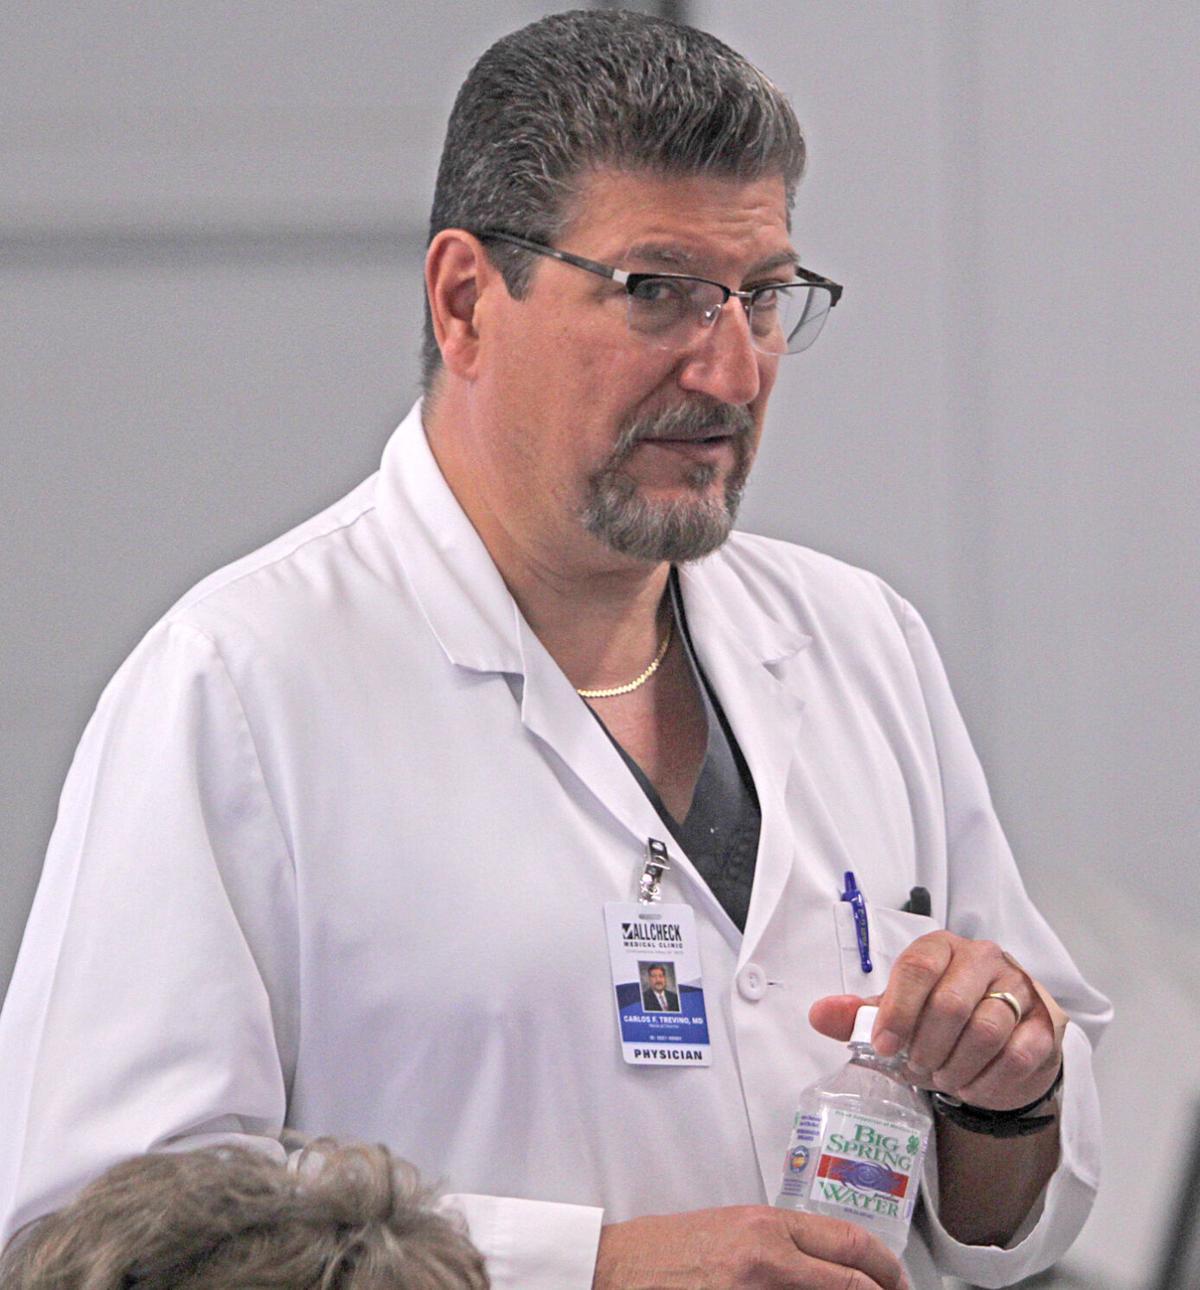 Carlos Trevino